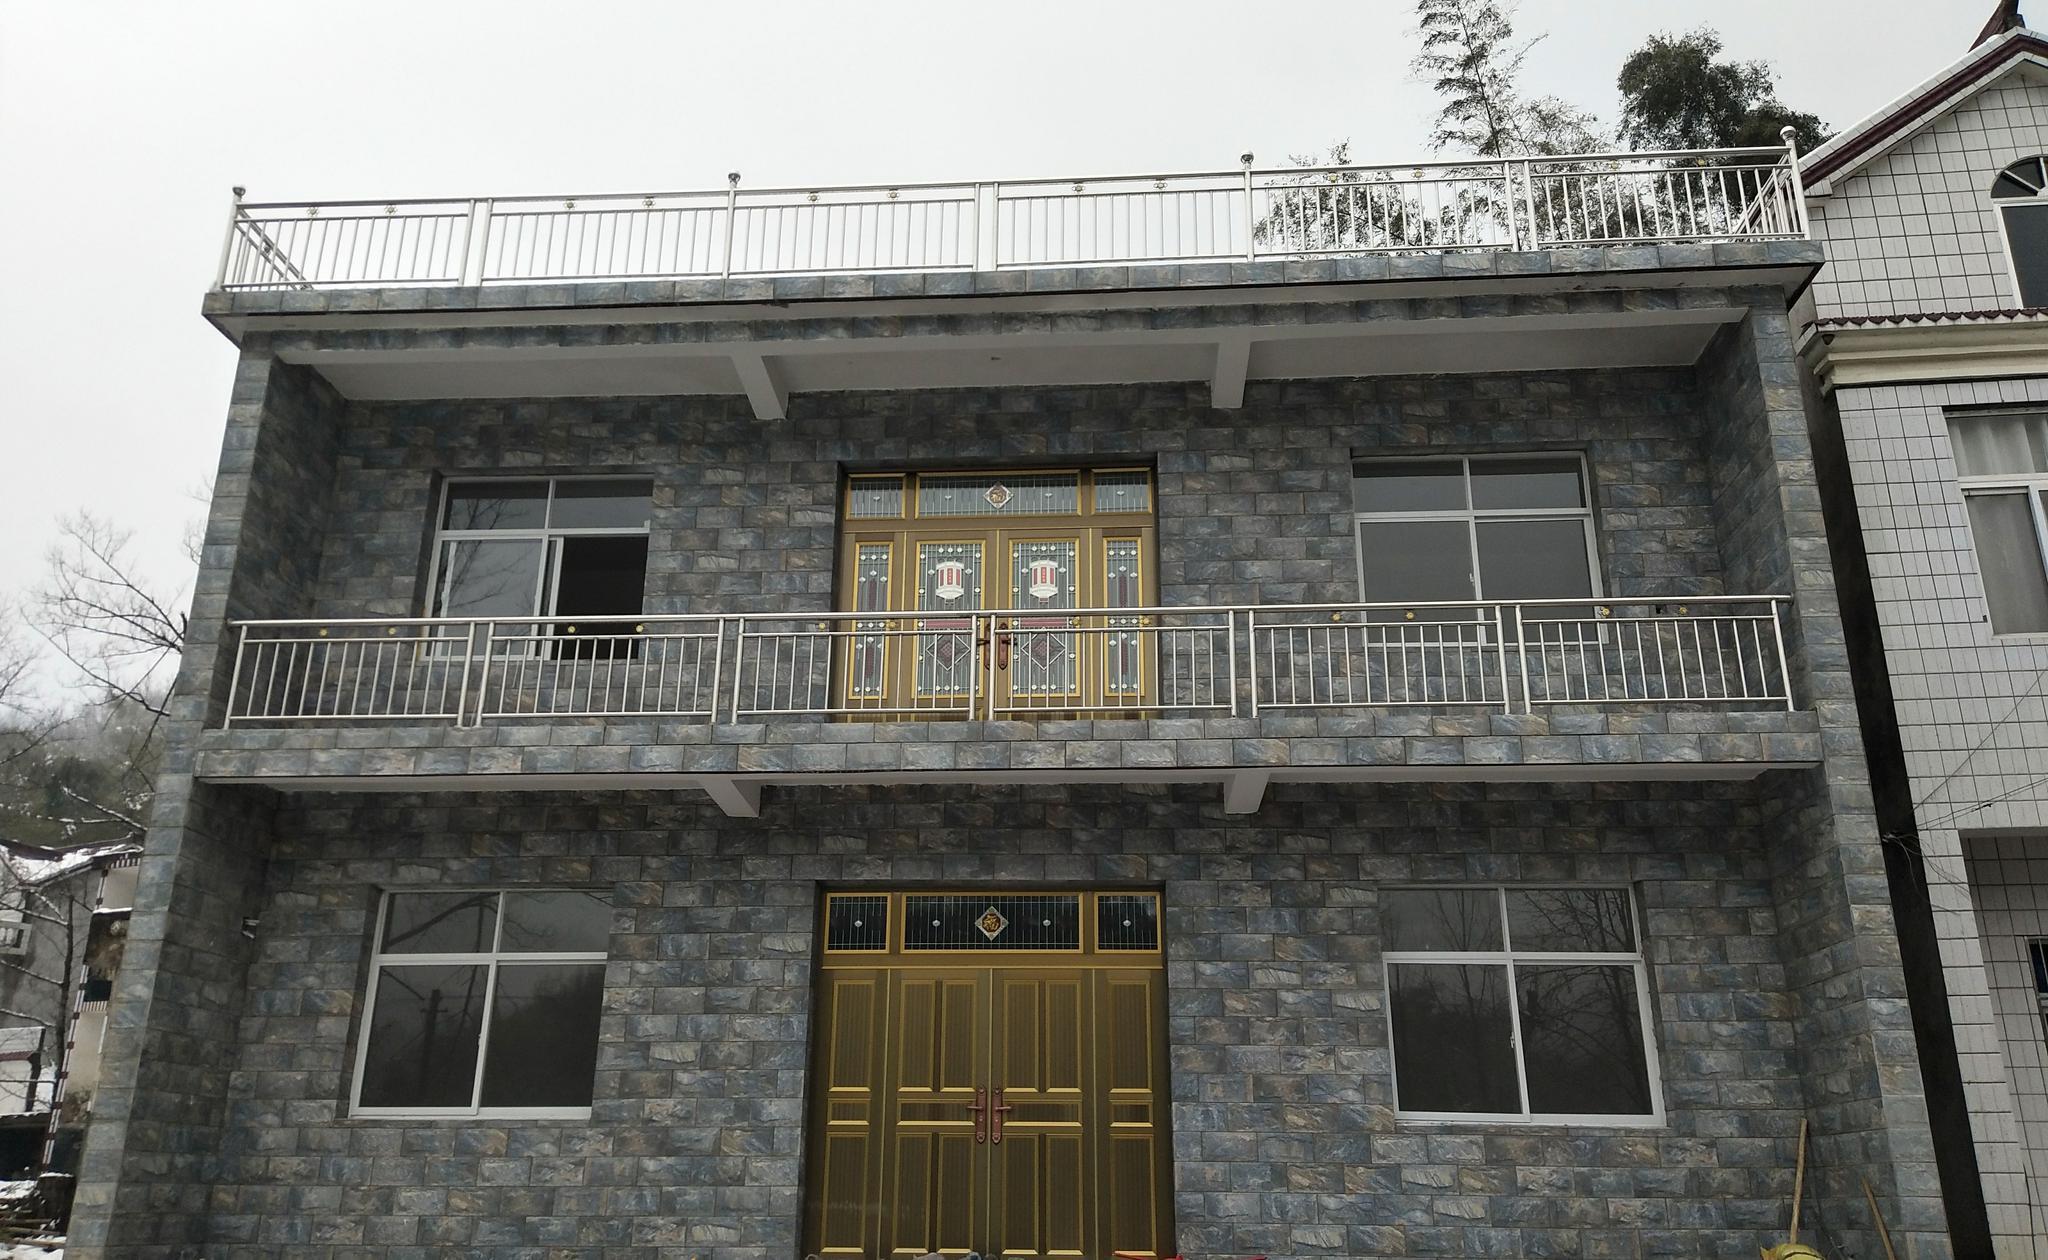 农村自建房建成后张贴对联和福字的效果